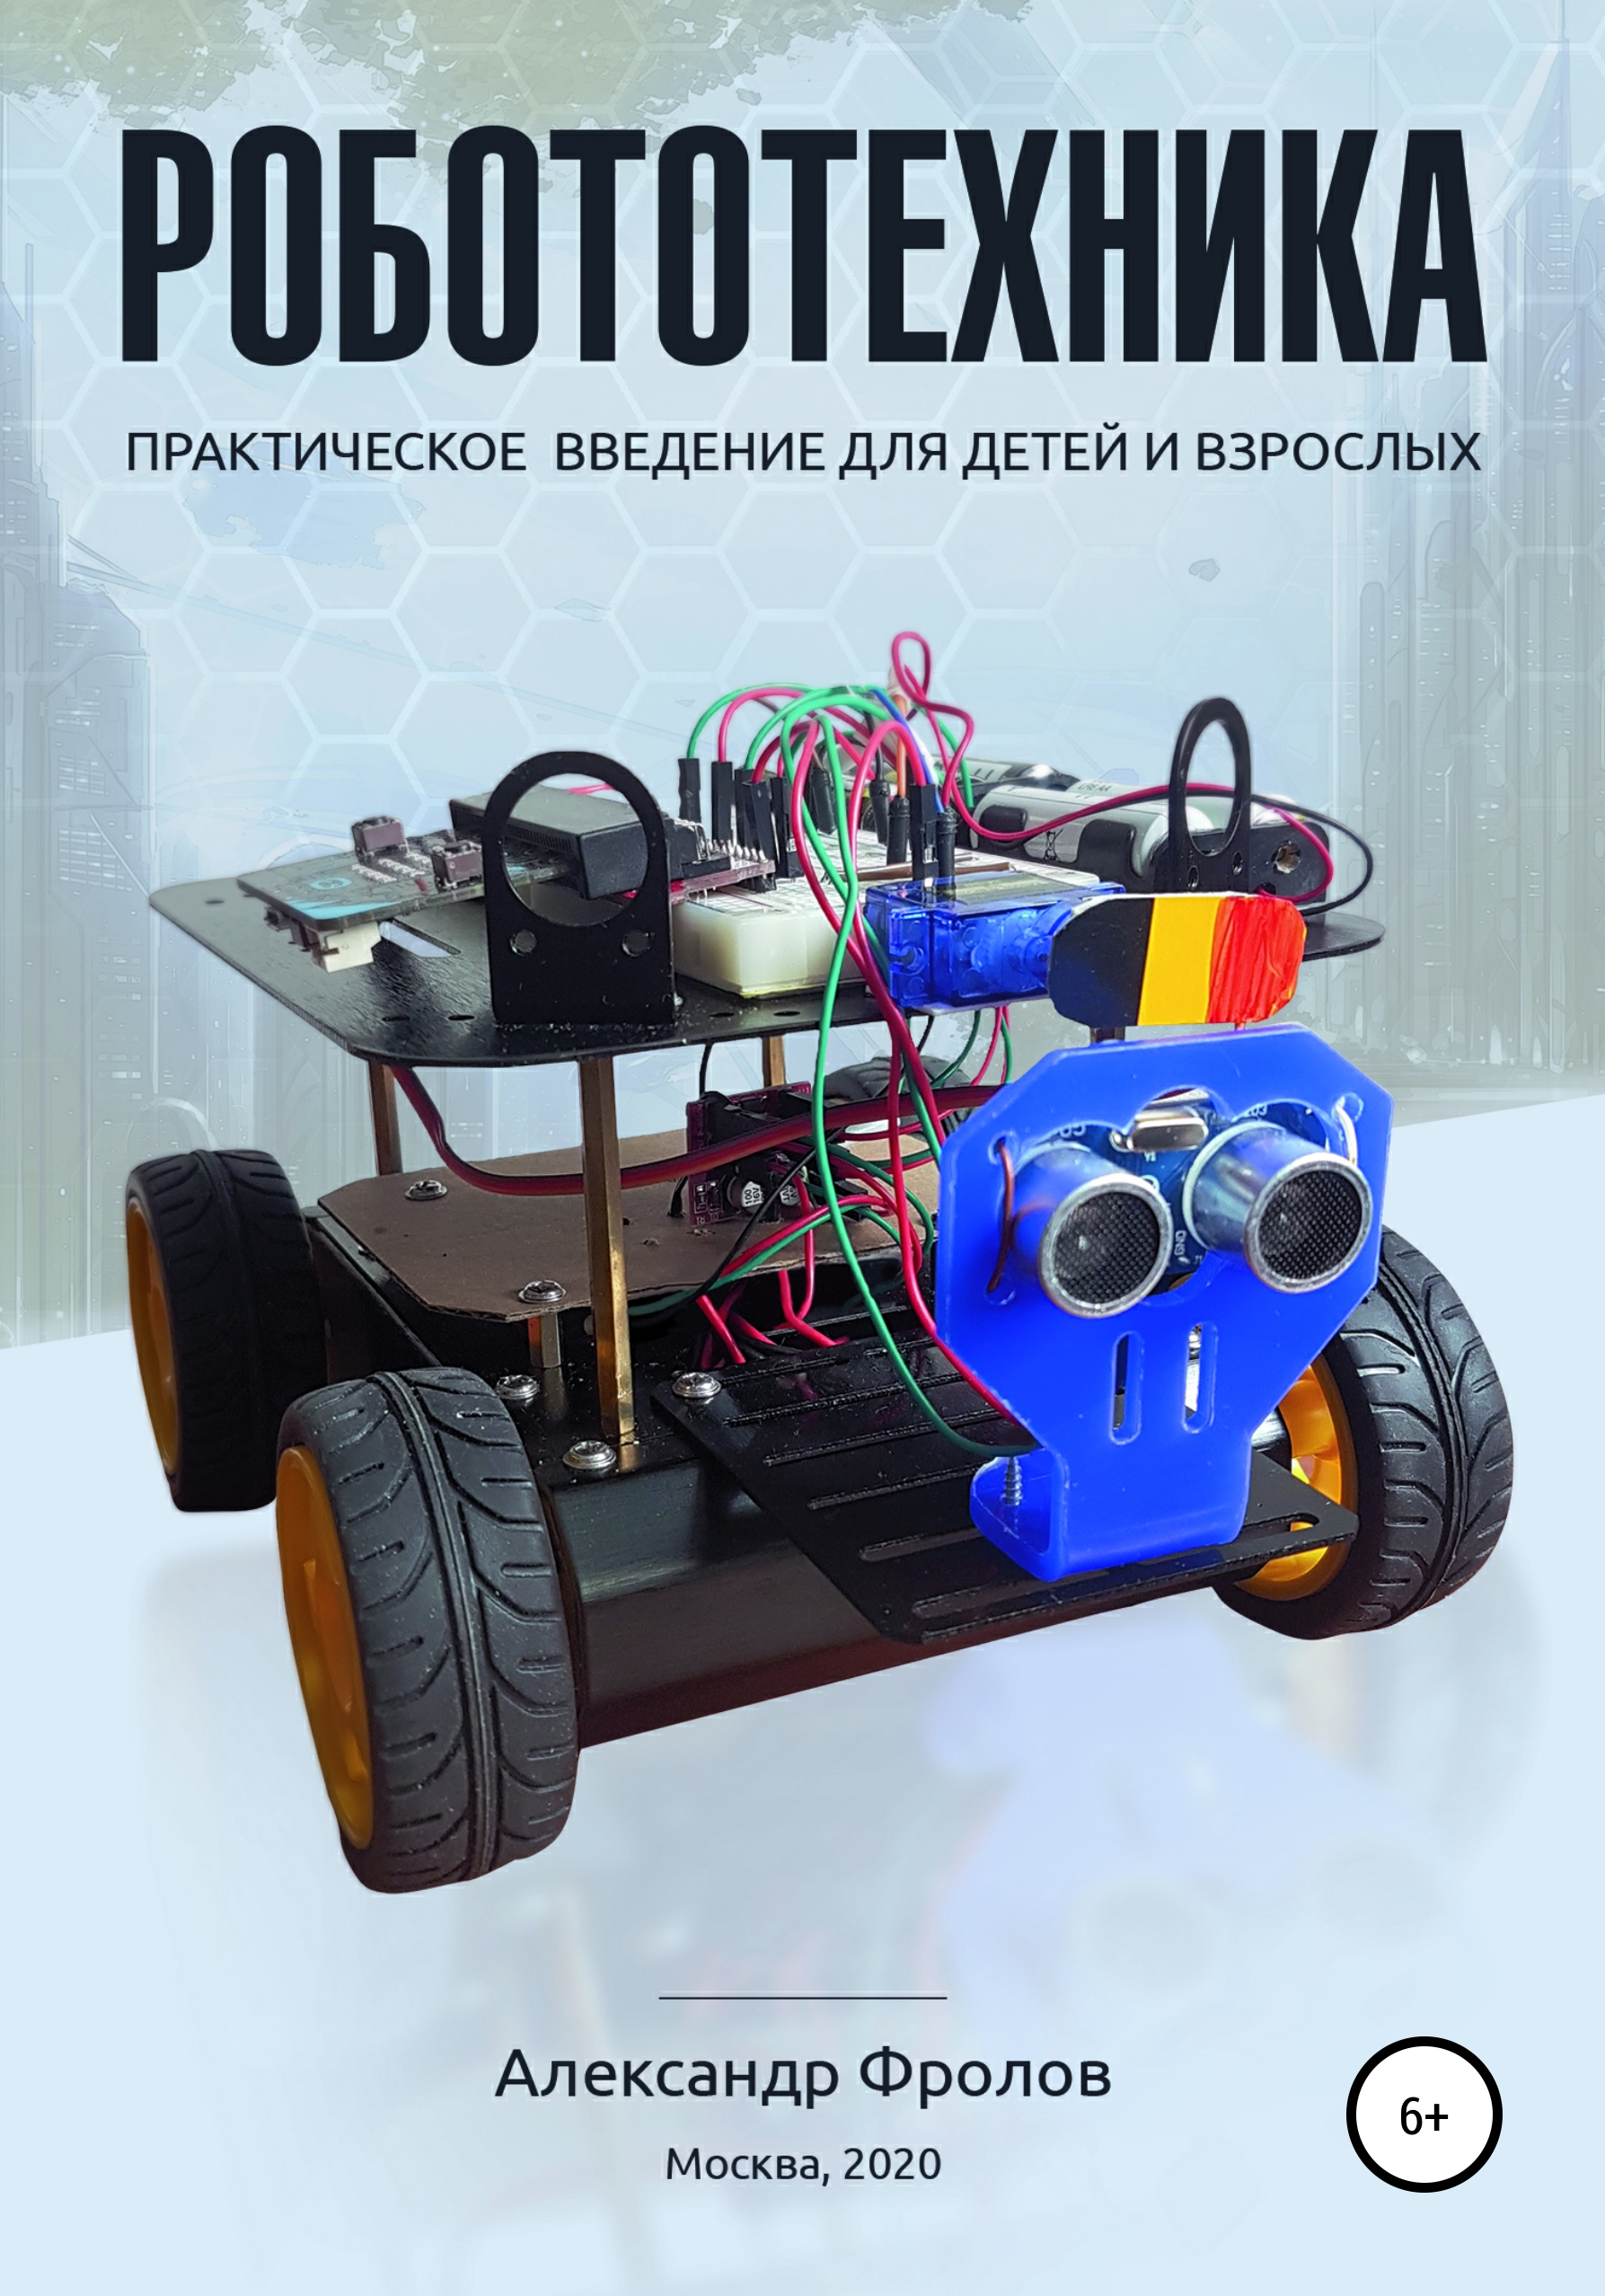 Робототехника: практическое введение для детей и взрослых